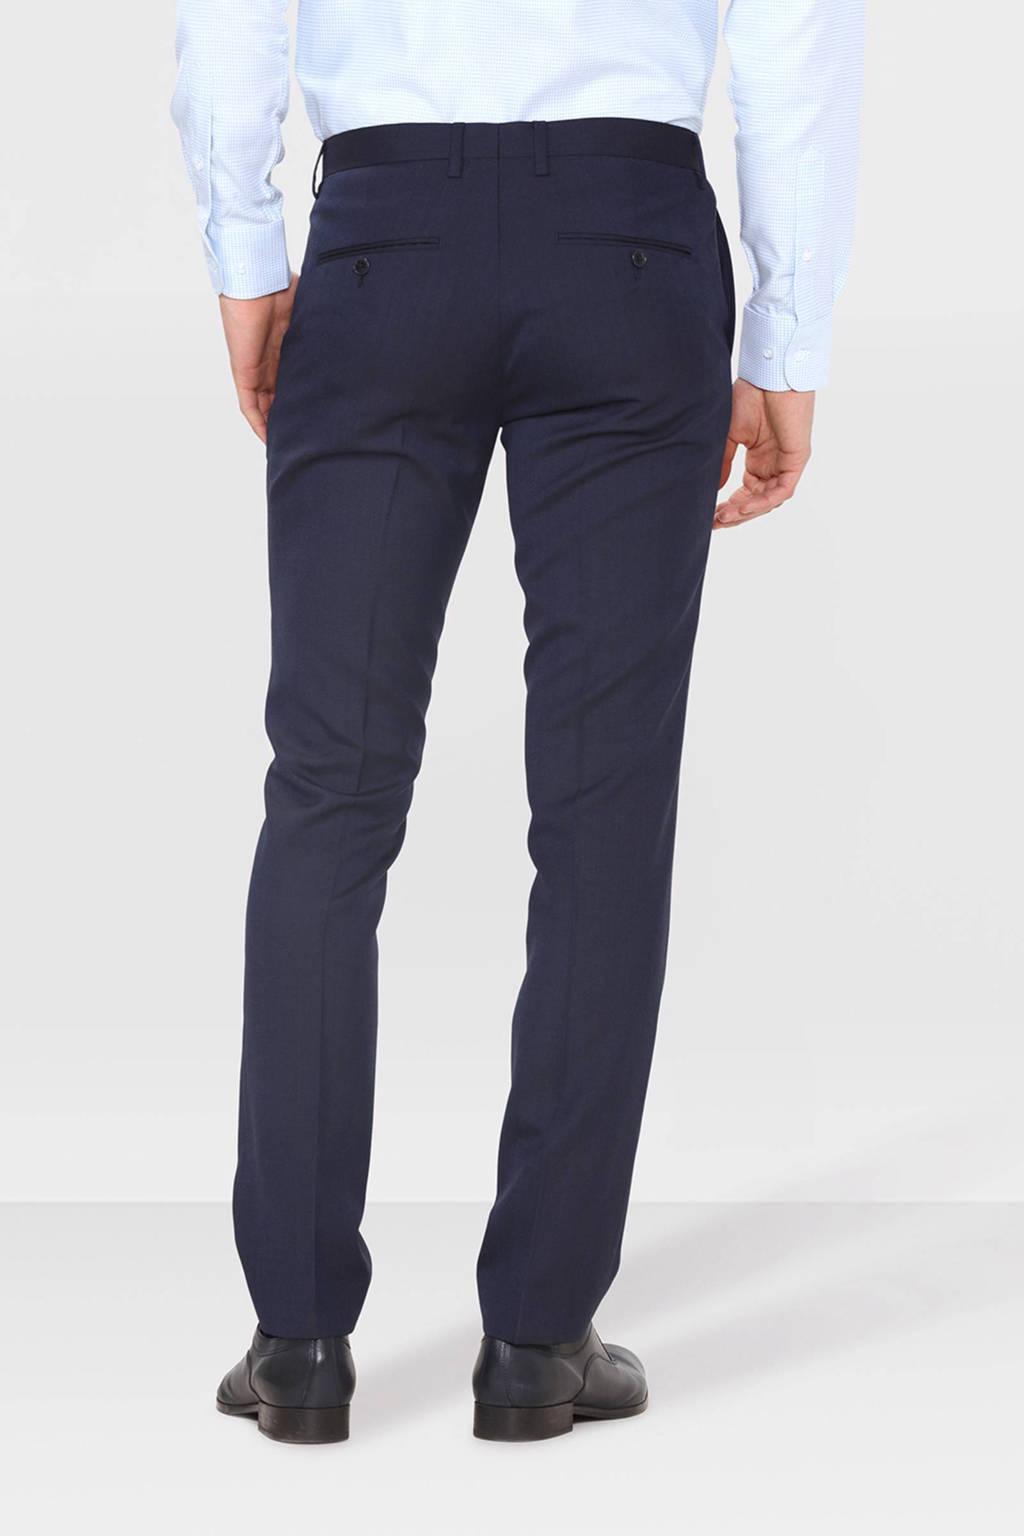 Fashionslim We Pantalon Pantalon We Fashionslim We Pantalon Fashionslim xrrq1wEFa